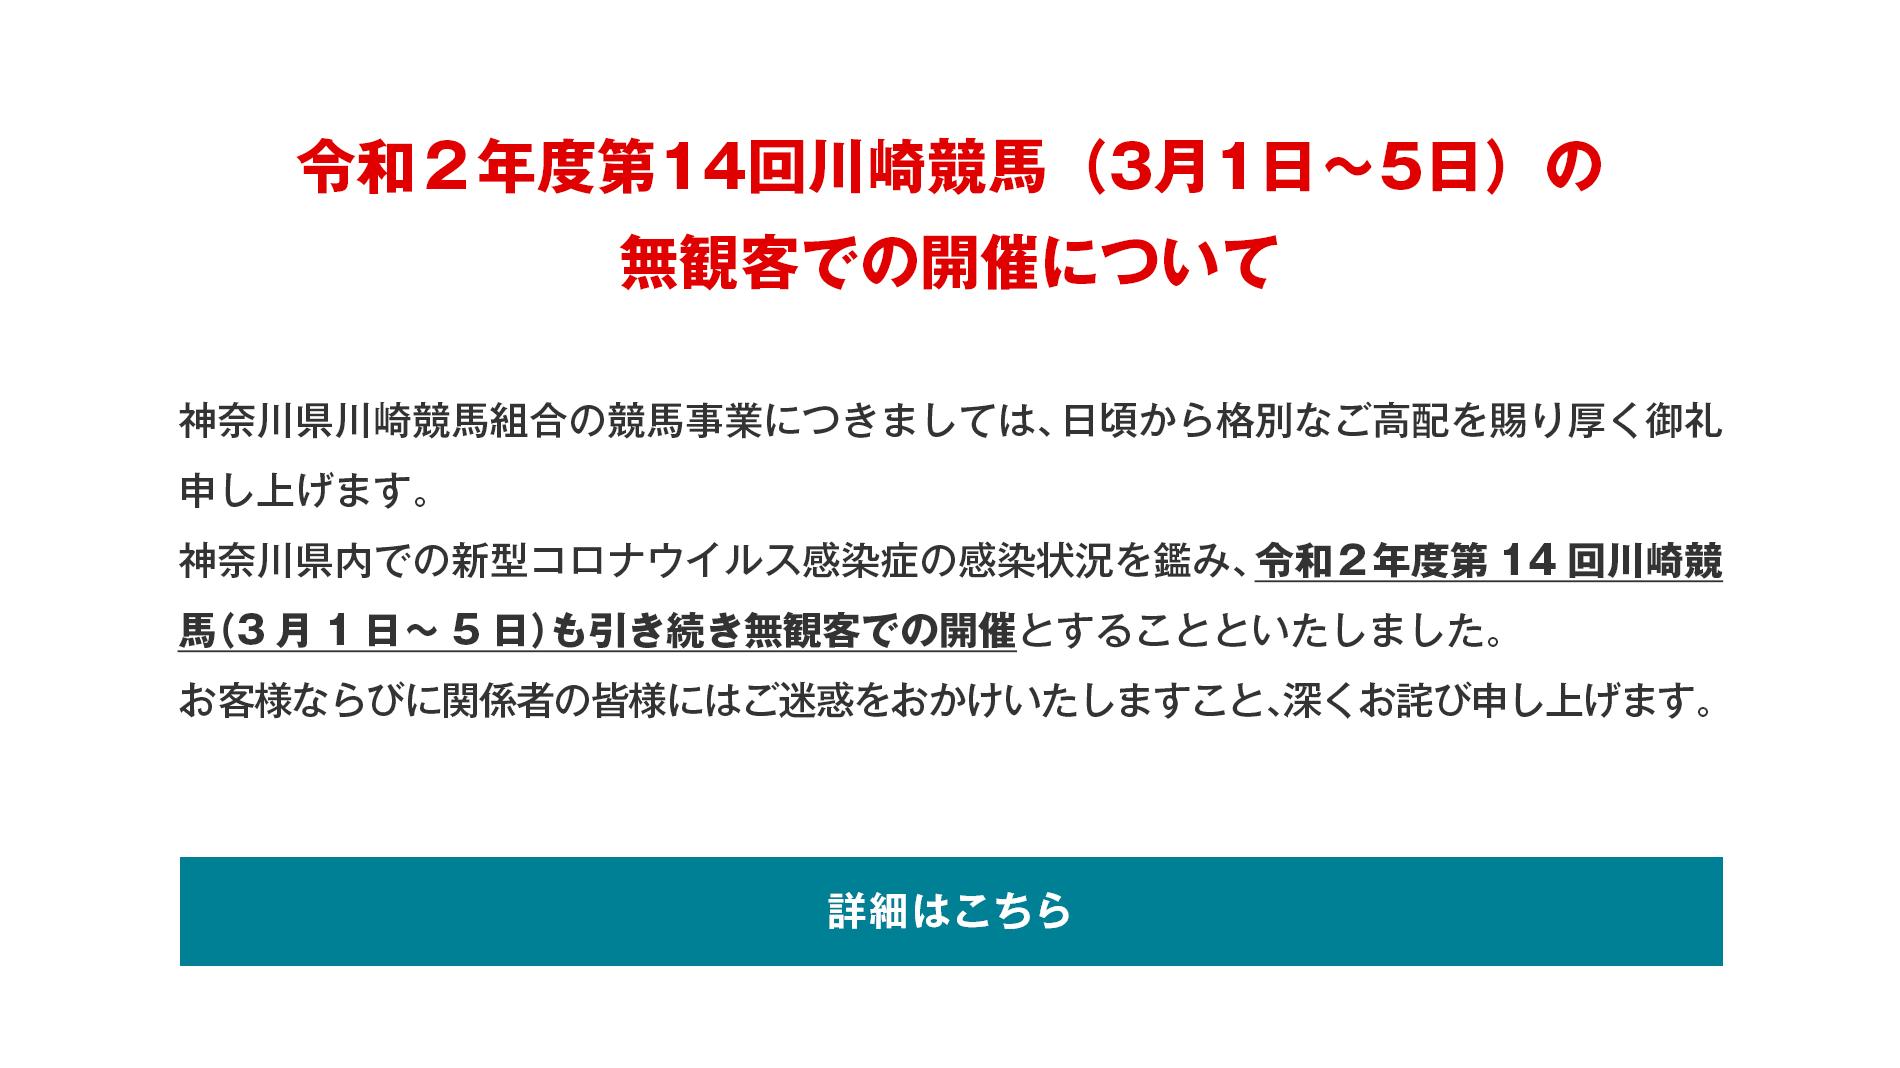 令和2年度第14回川崎競馬(3月1日~5日)の無観客での開催について